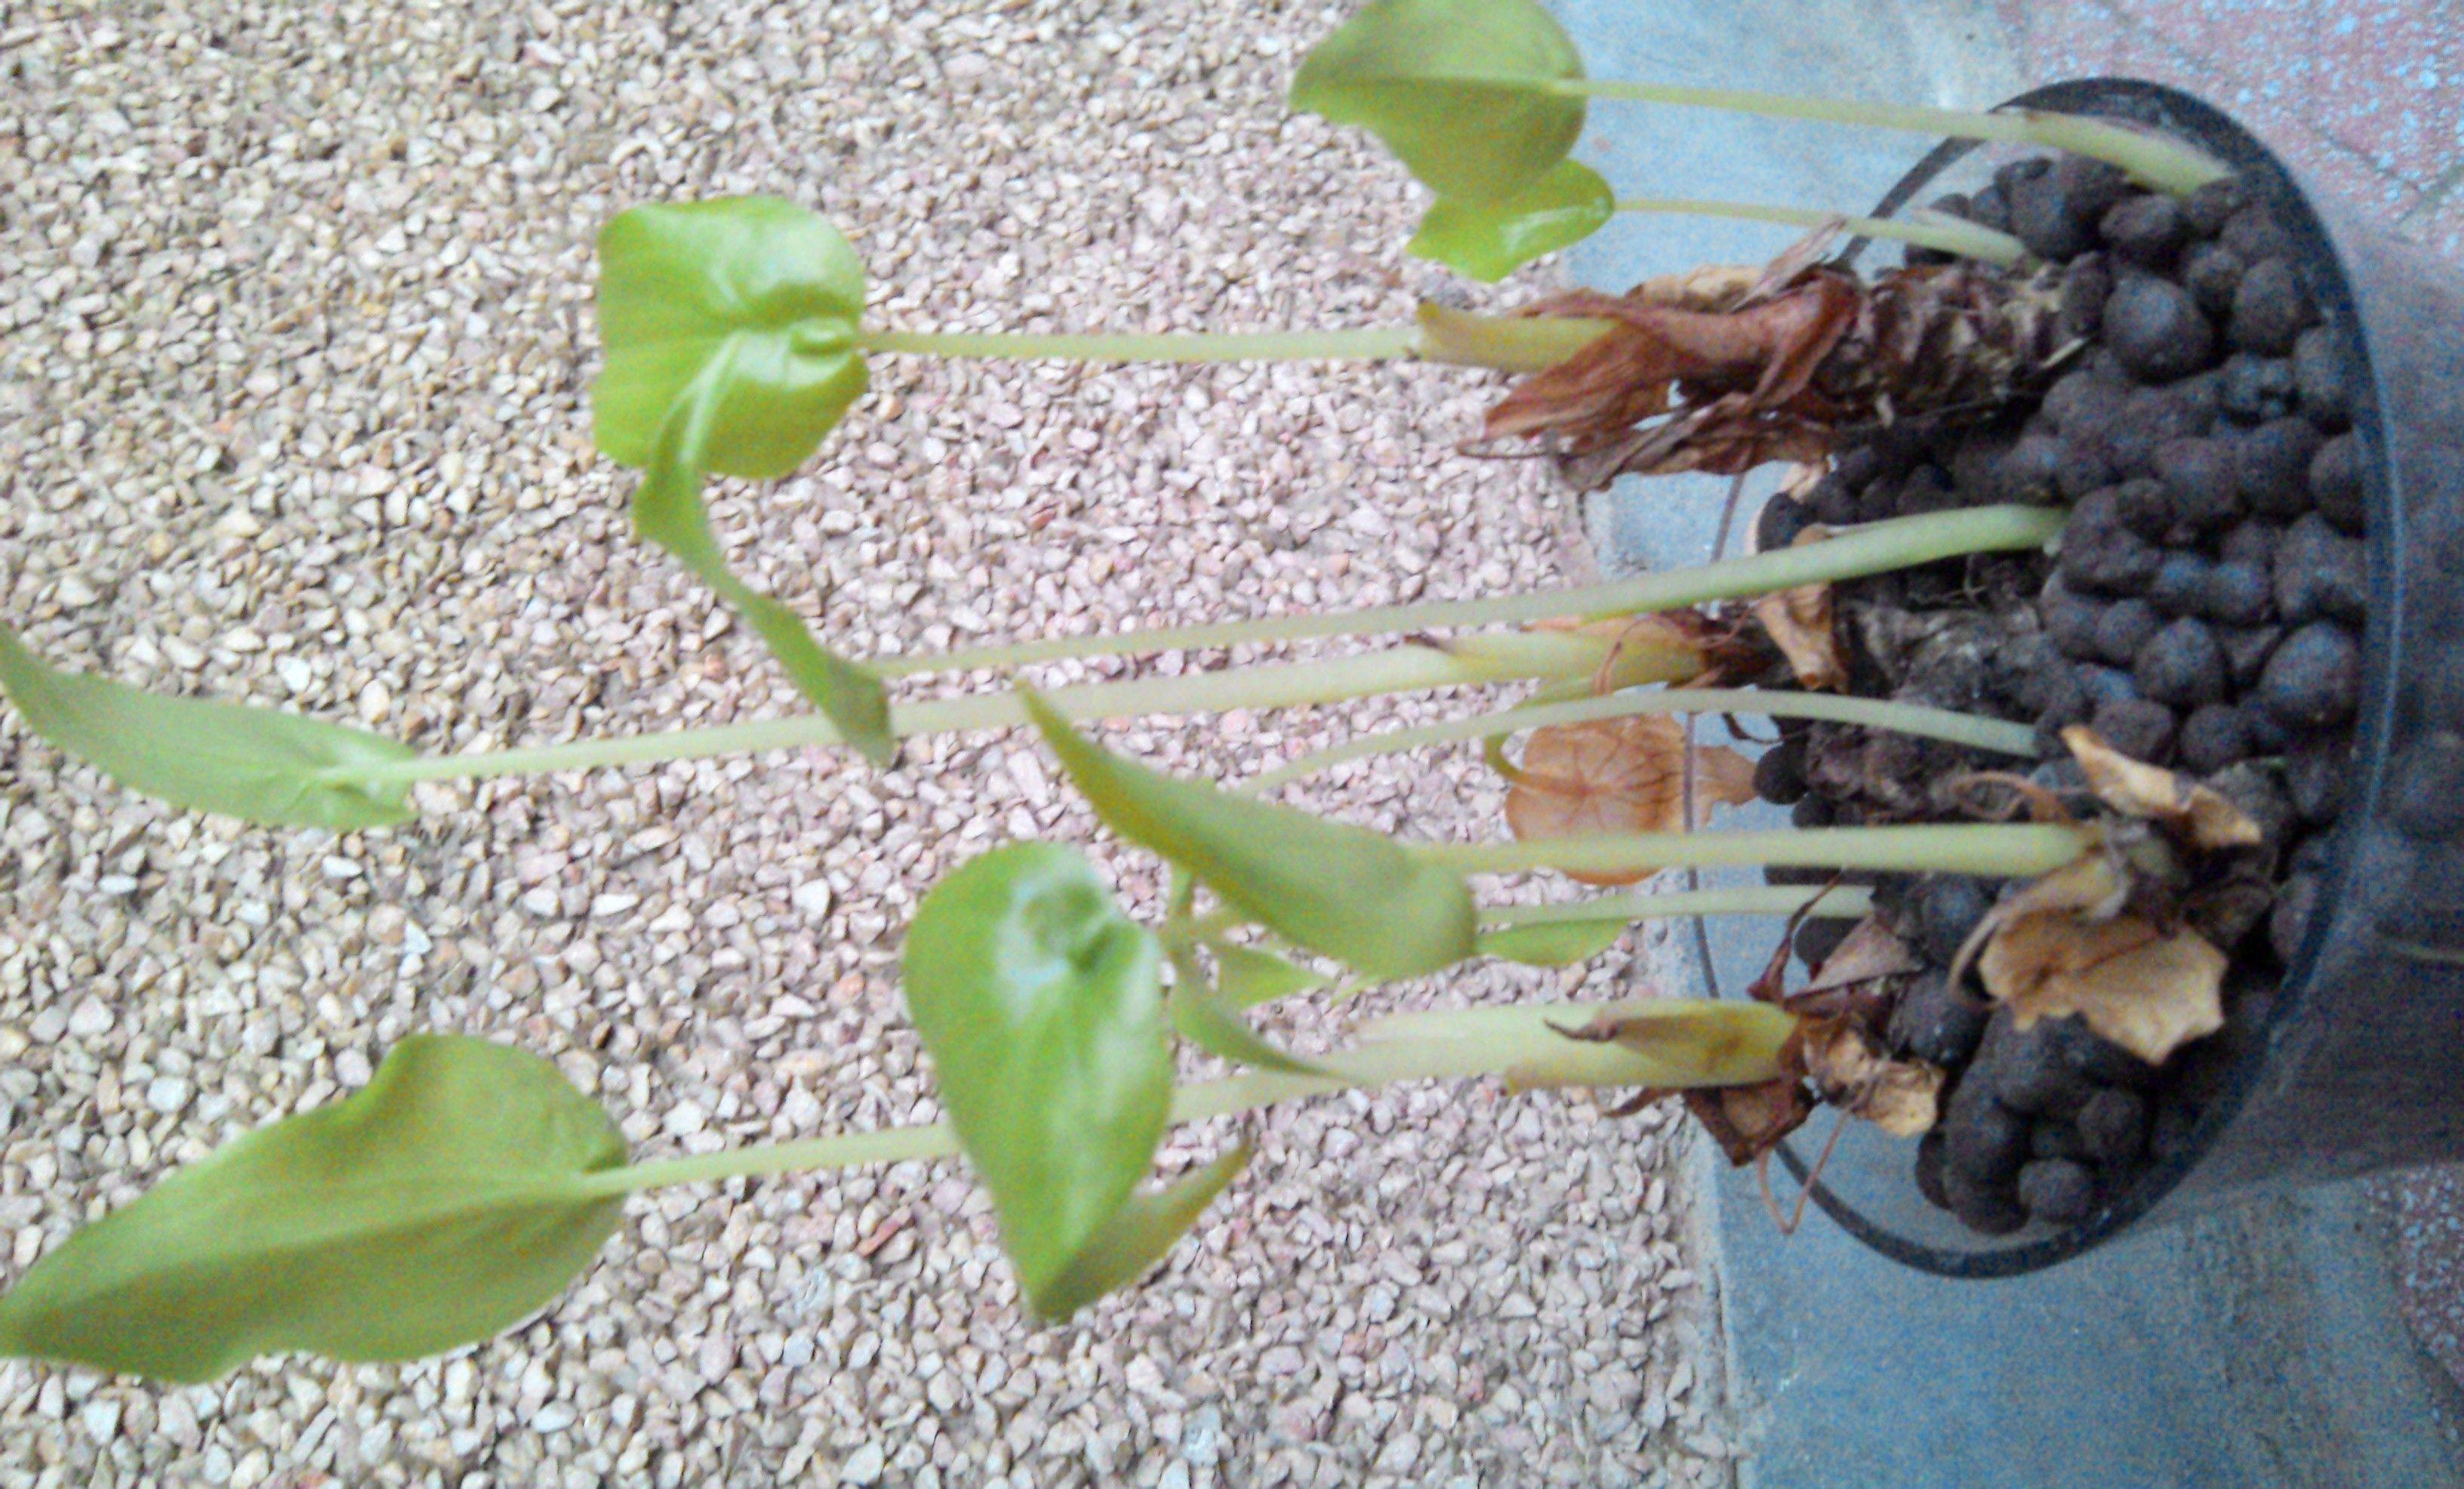 水培千手观音怎么养_千手观音和滴水观音是同一种植物吗?我养的水培的千手观音 ...